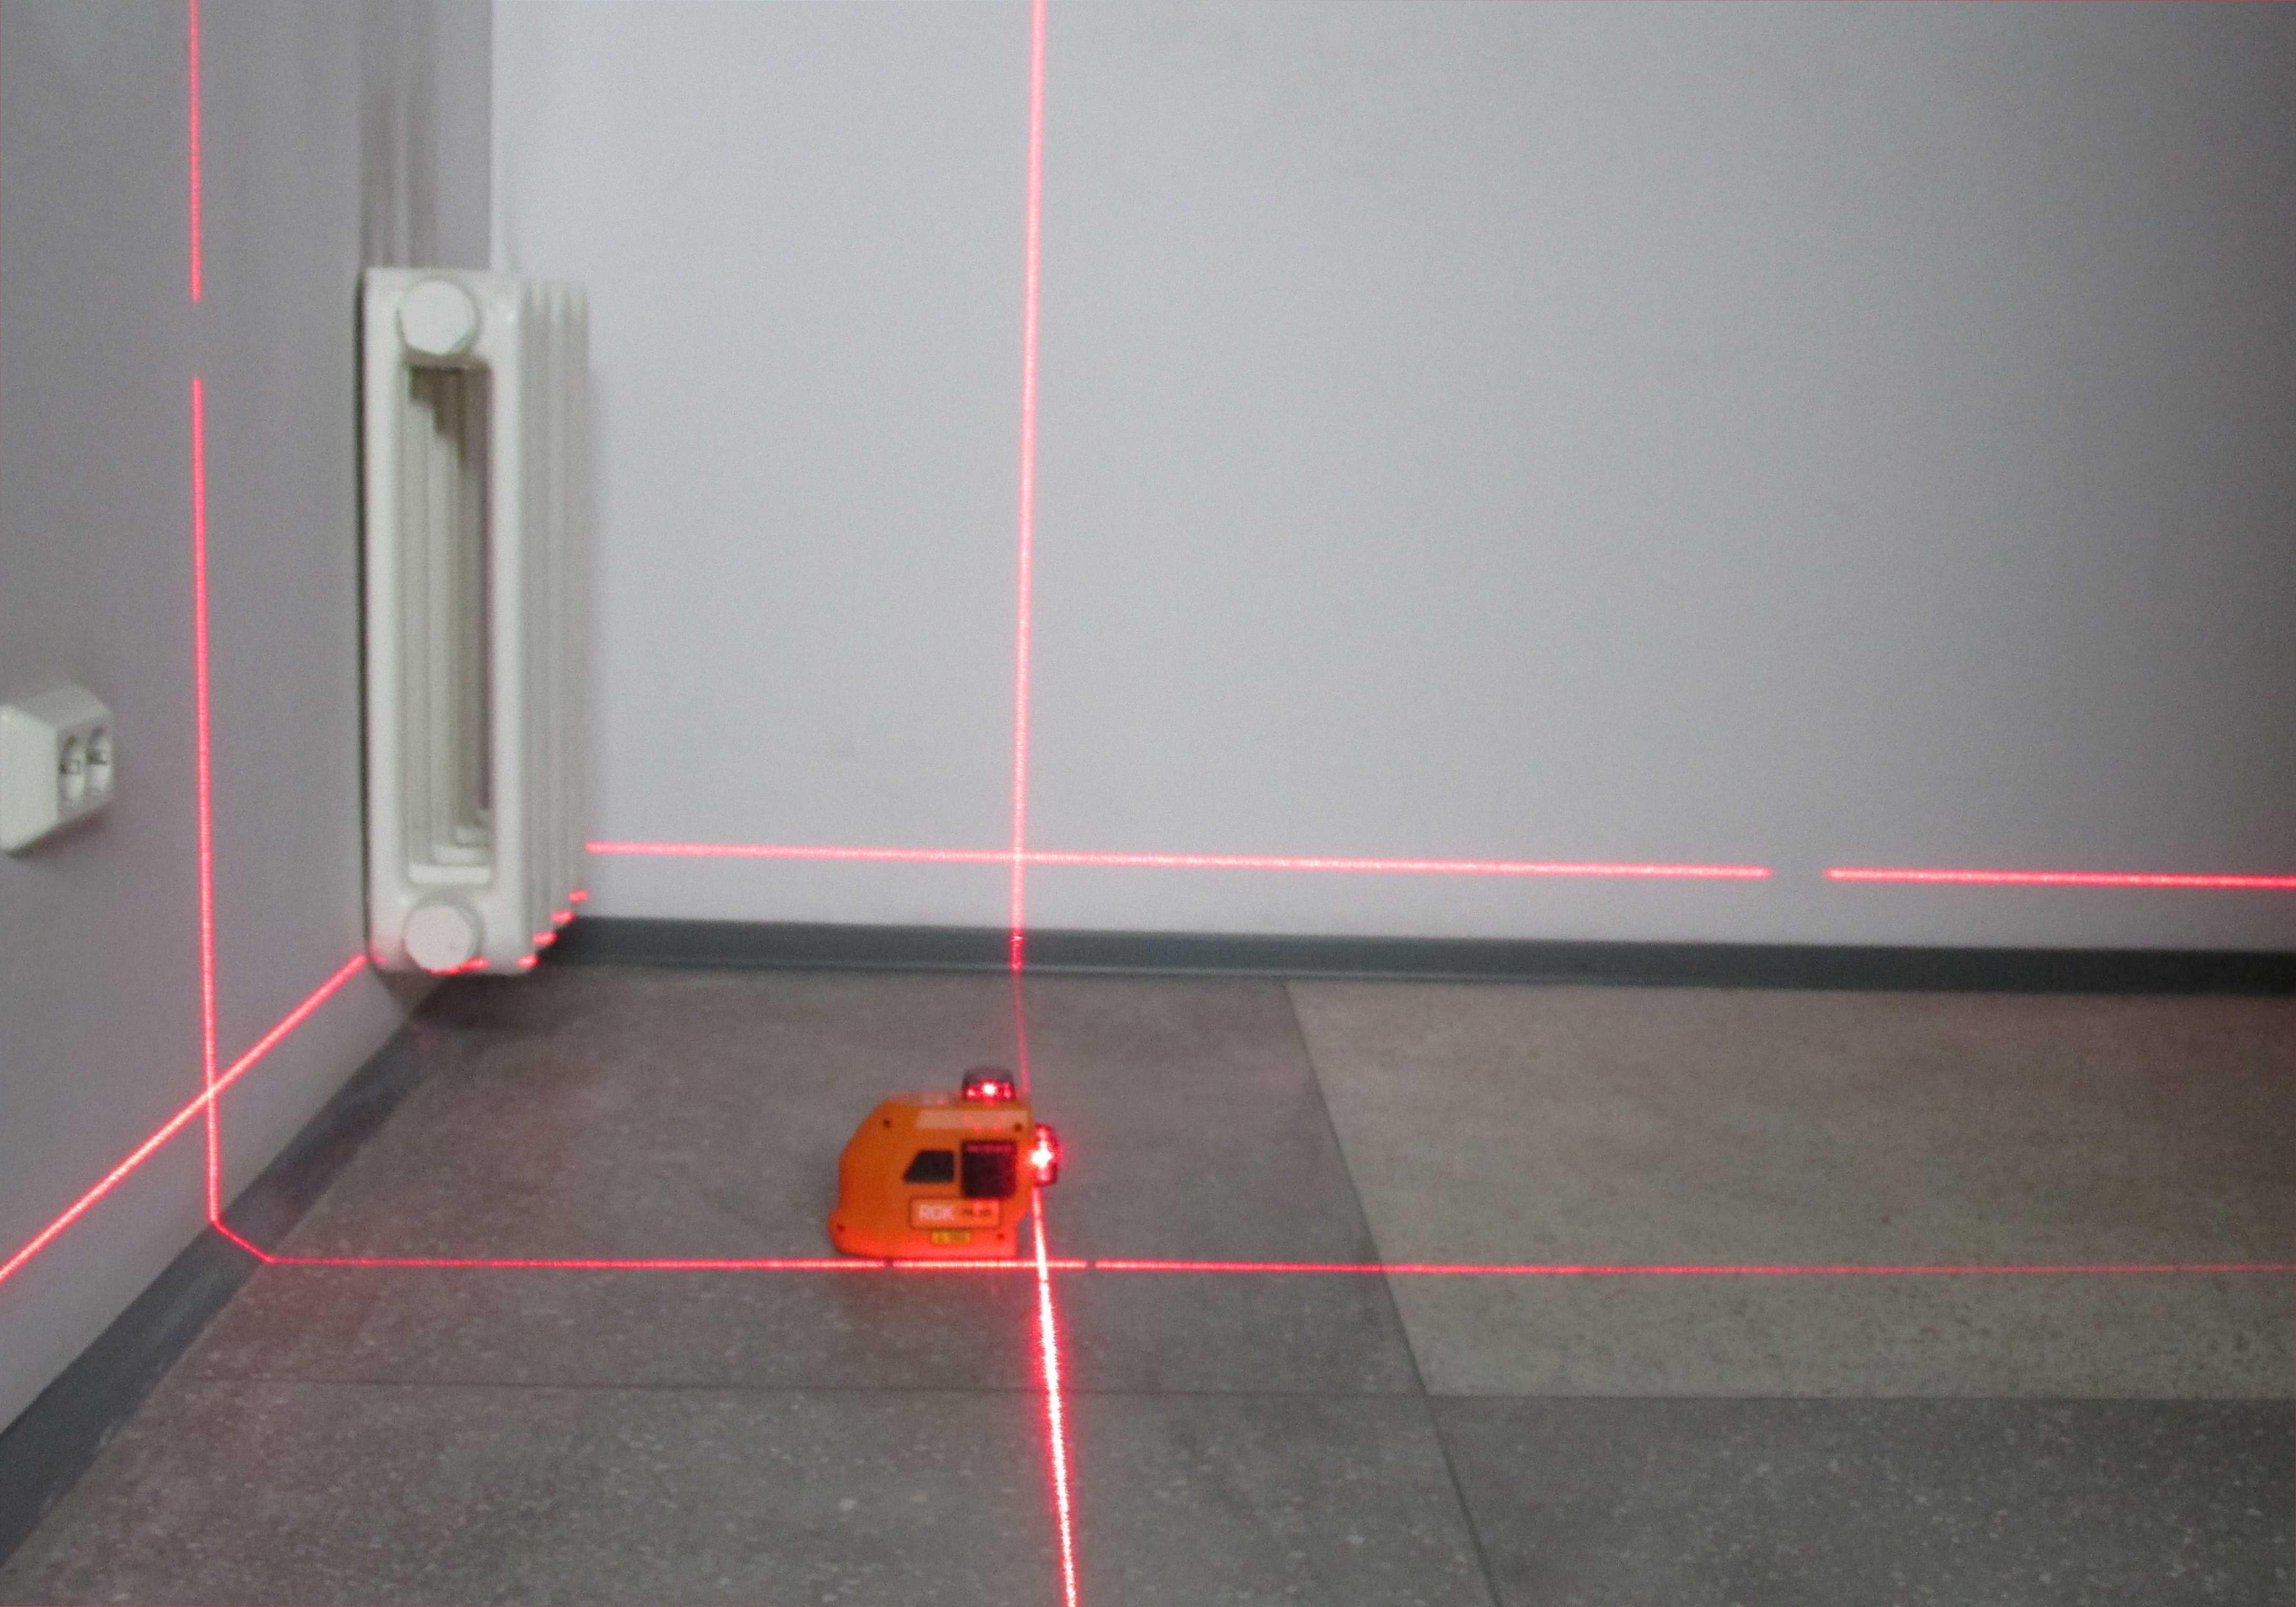 Лазерный осепостроитель его преимущества и недостатки